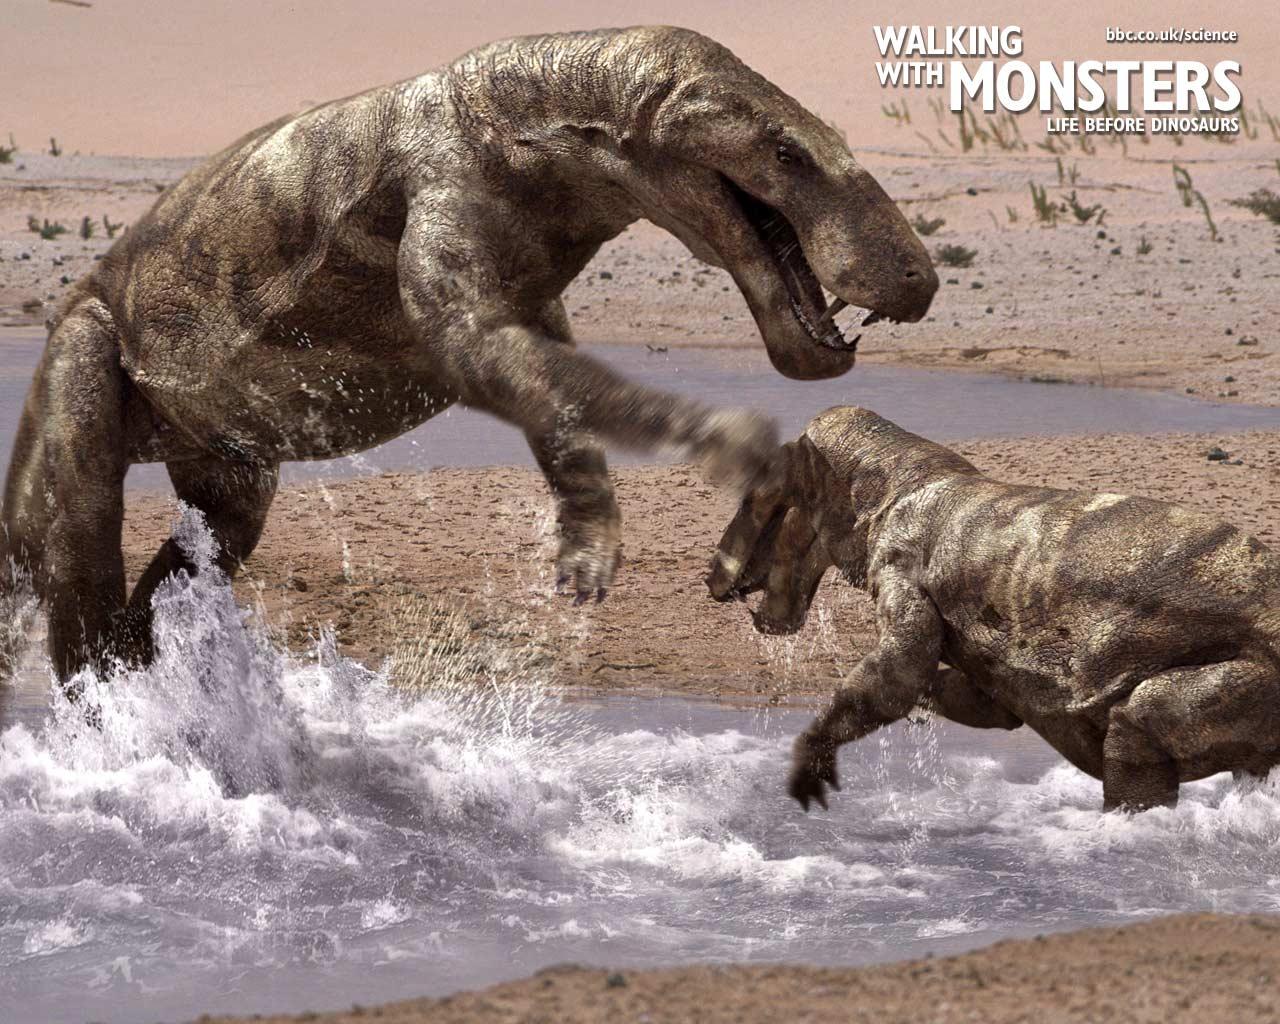 оно картинки прогулки с монстрами жизнь до динозавров любовь